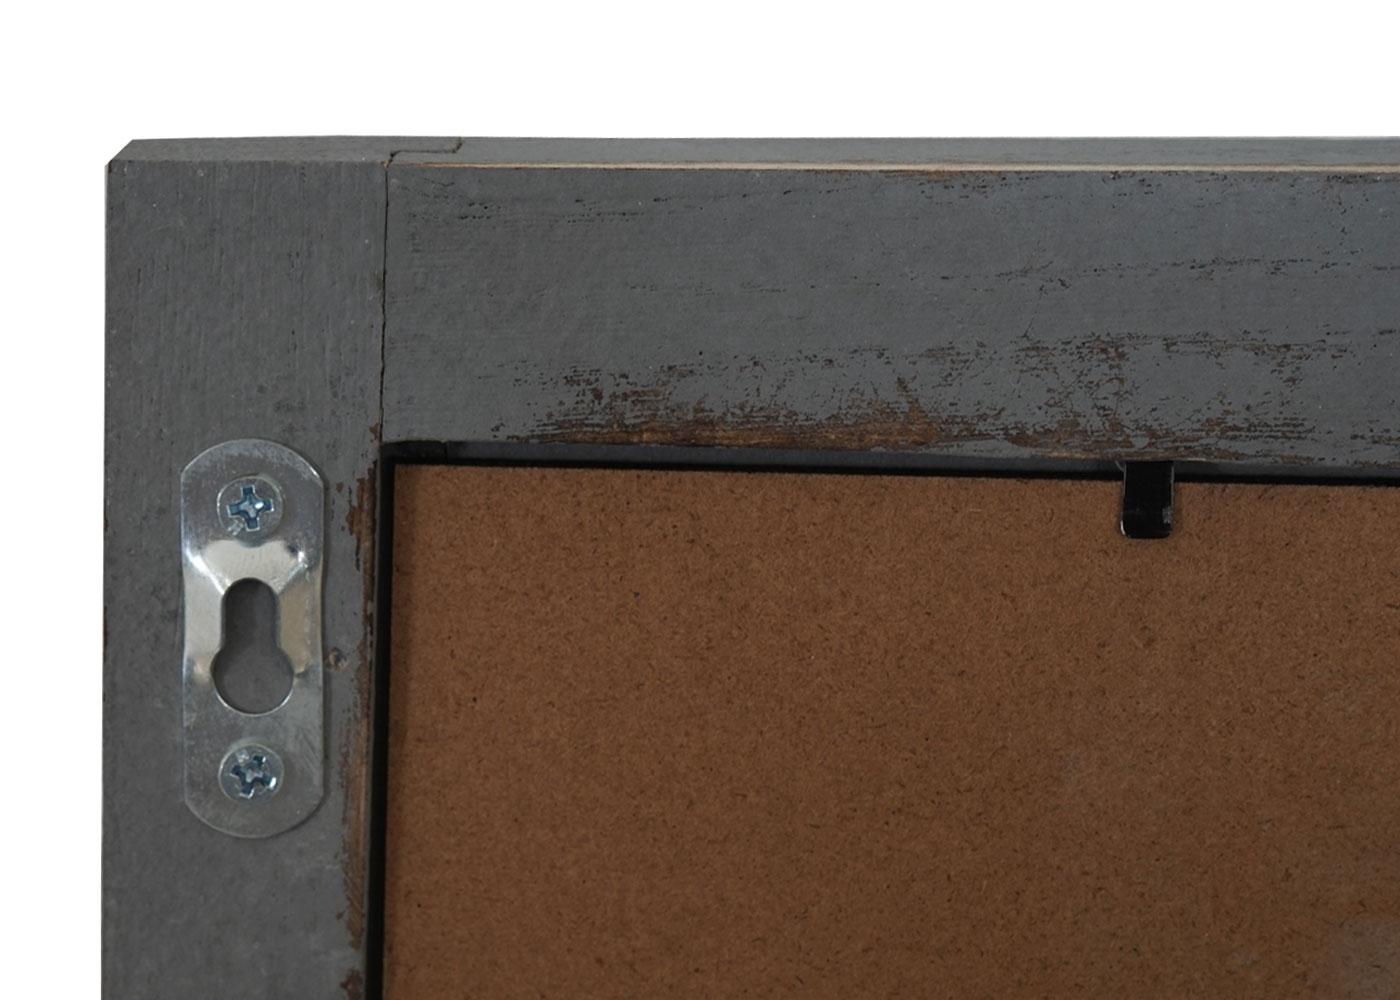 Detailbild Aufhängeöse